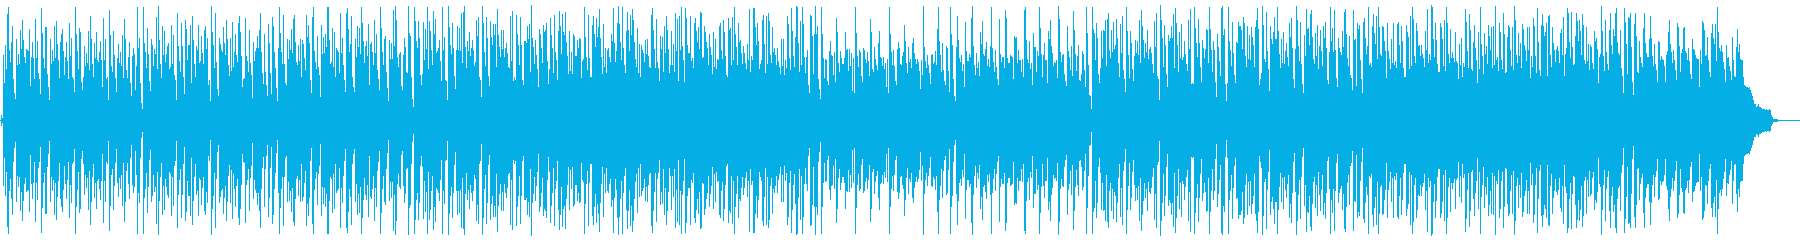 明るく前向きなピアノポップの再生済みの波形